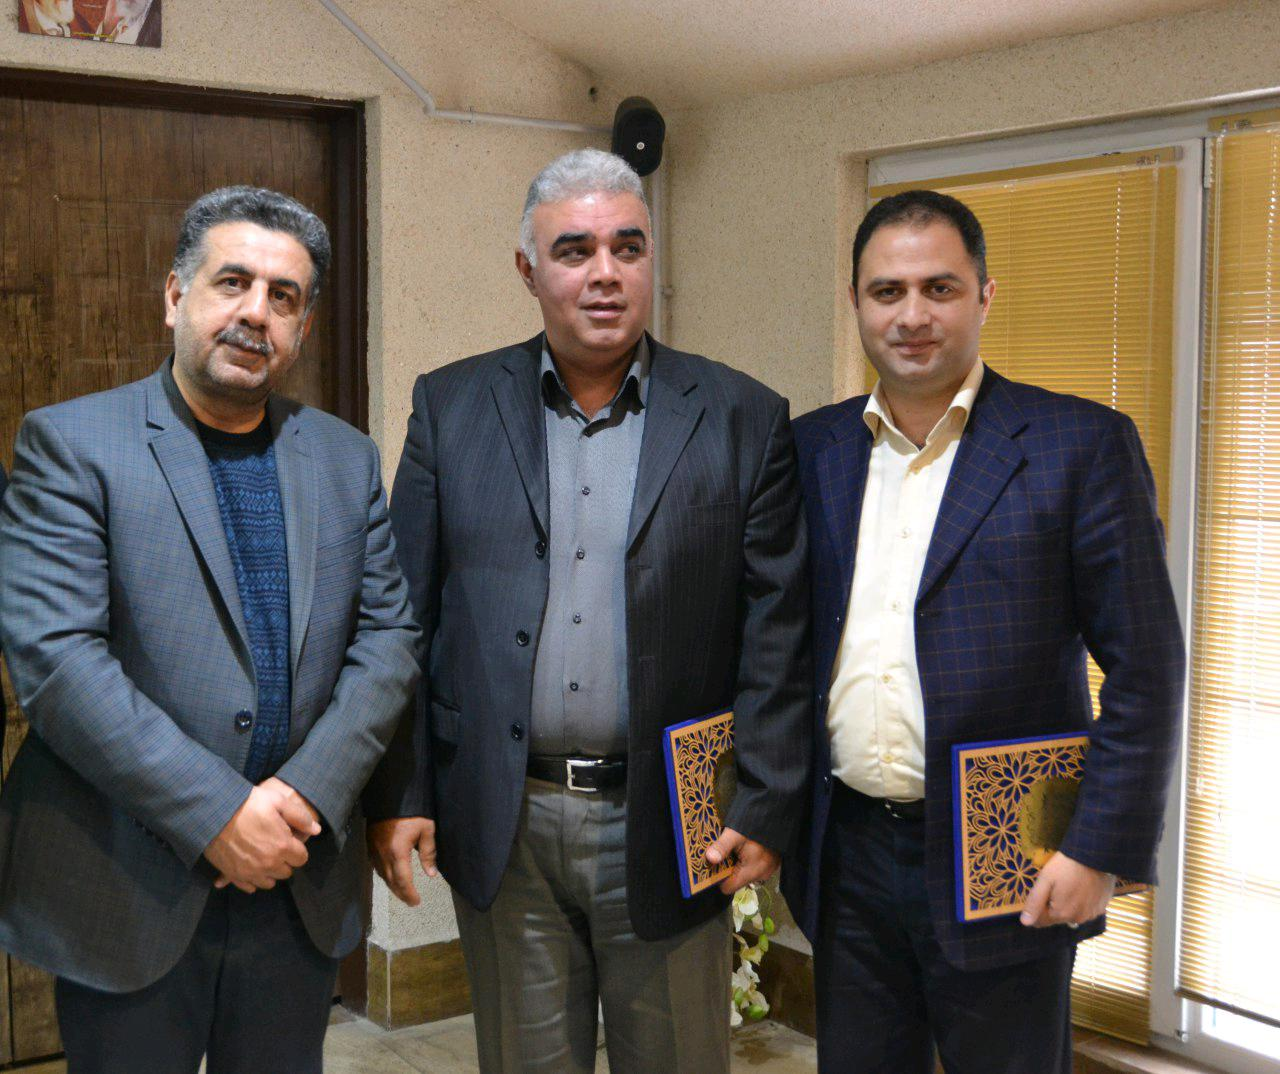 دو انتصاب جدید در شهرداری لاهیجان